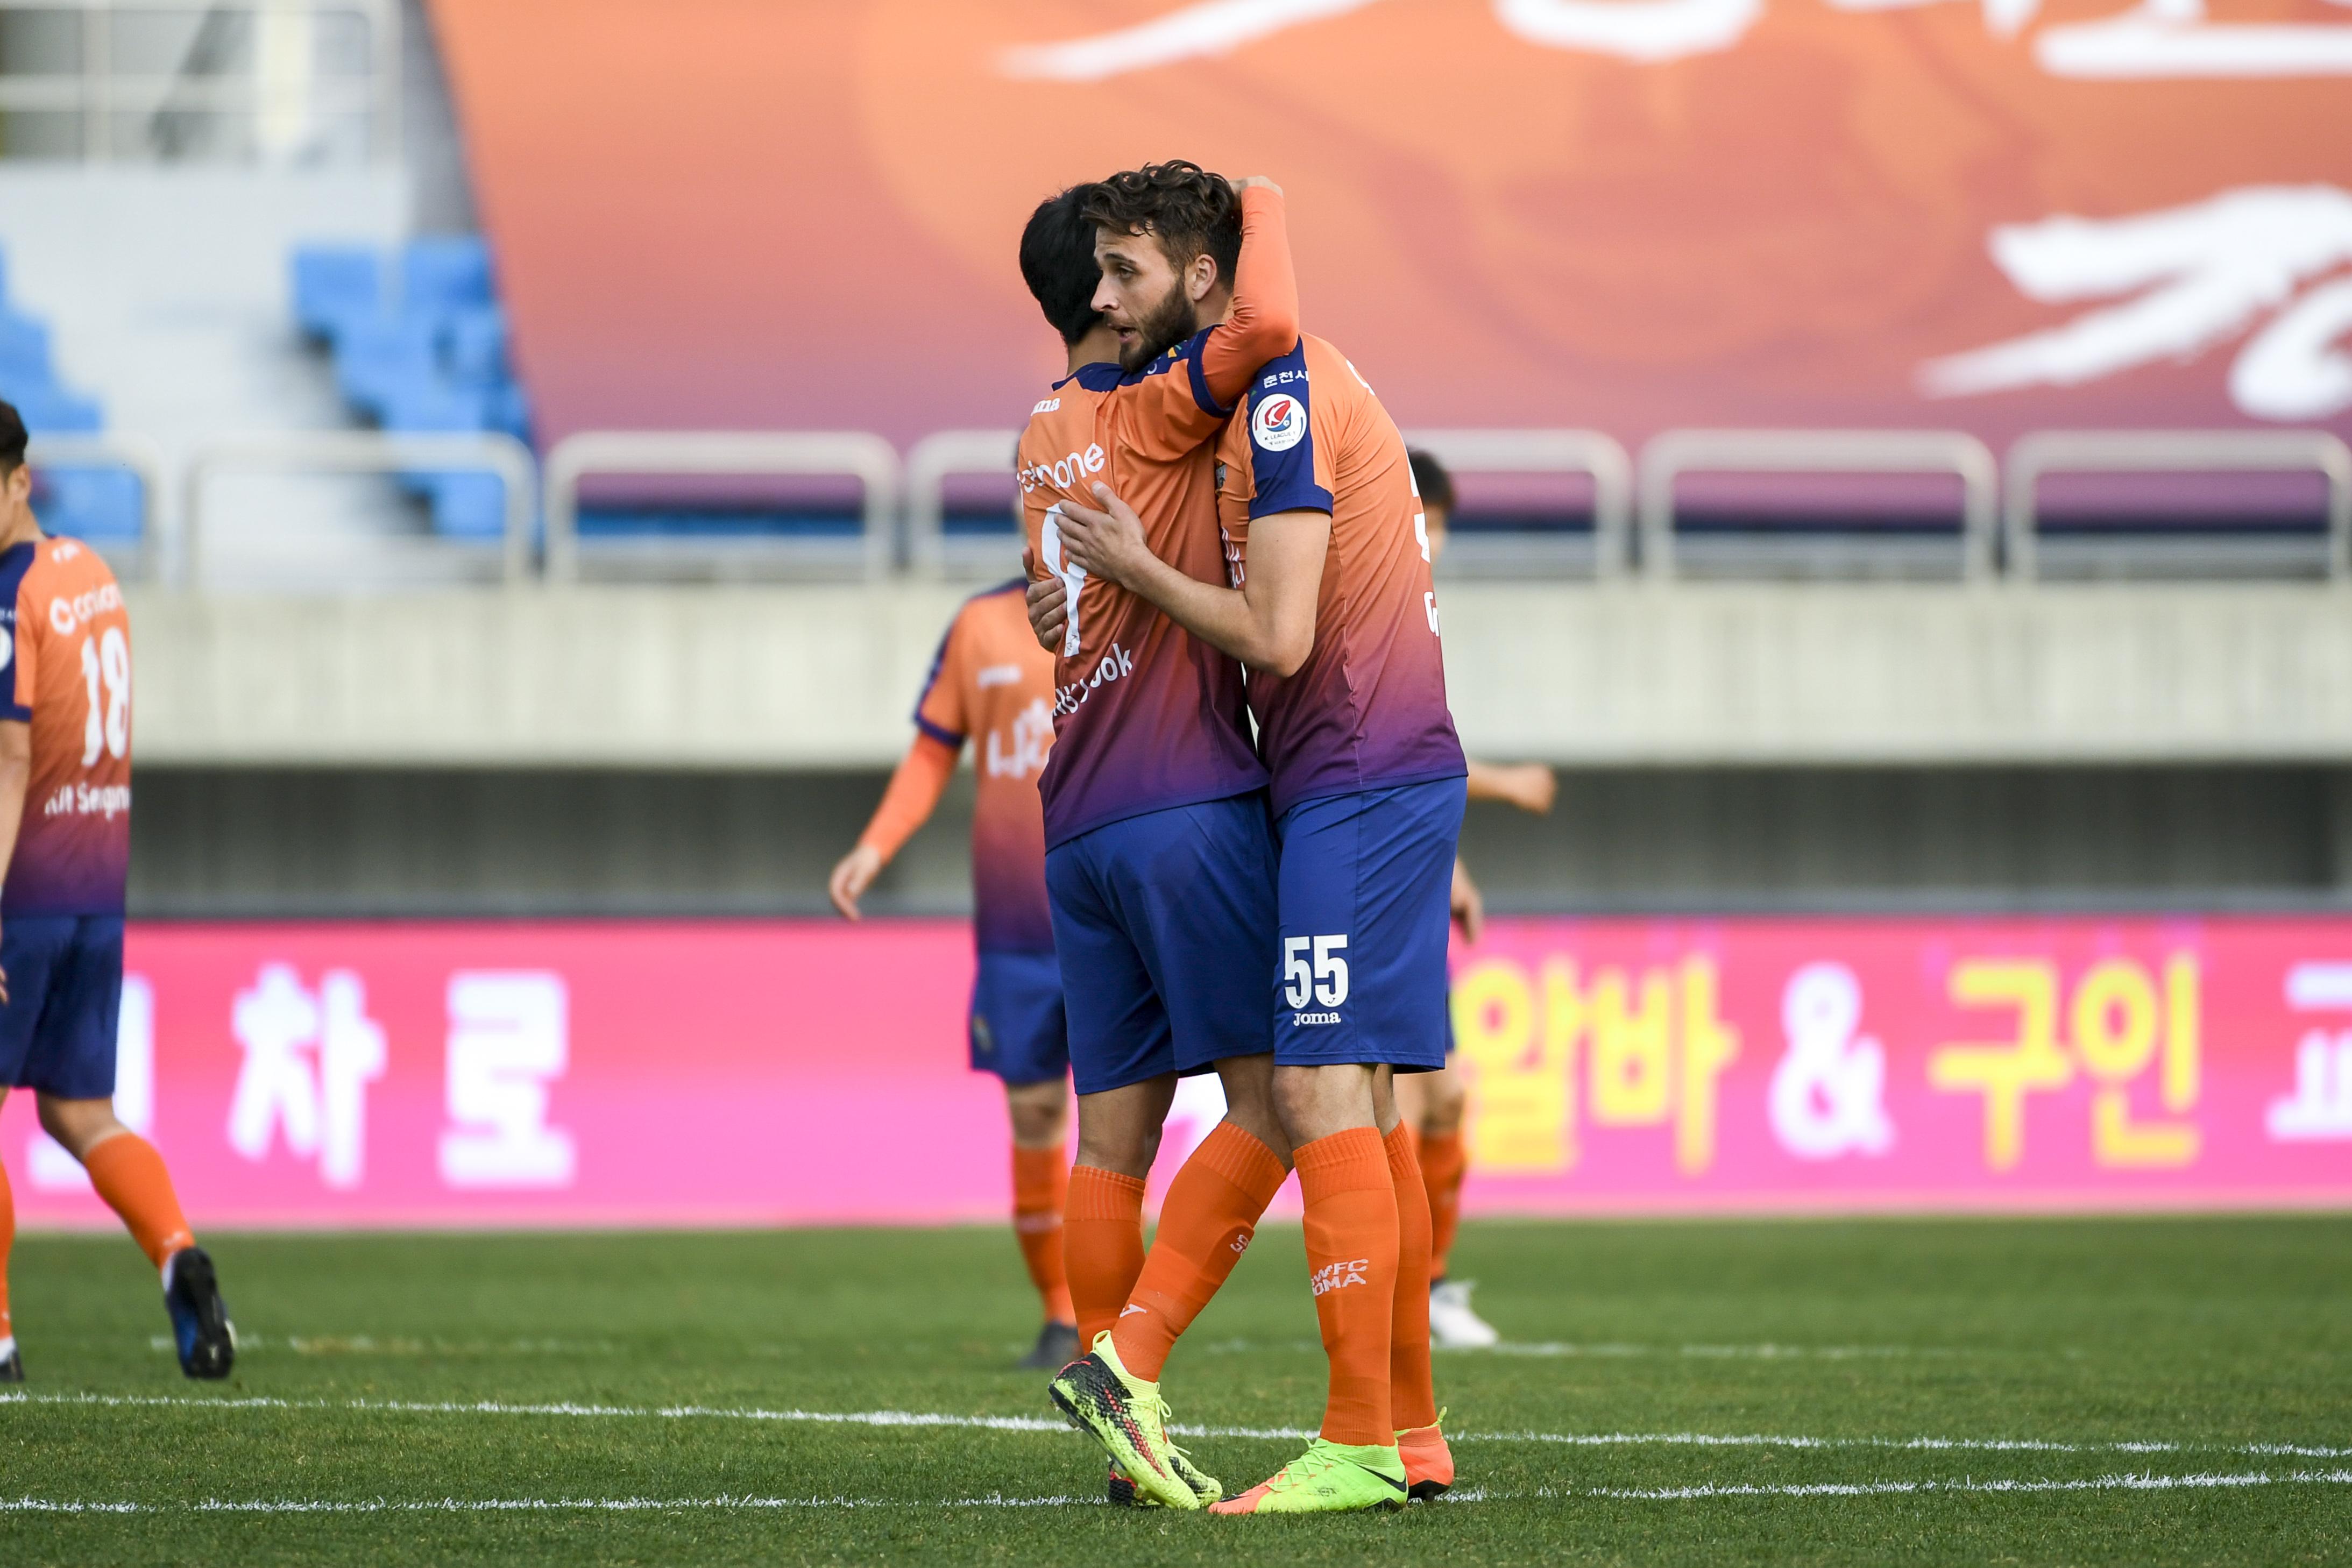 '강원FC 제리치 VS 경남FC 말컹' K리그1 최고의 공격수는?